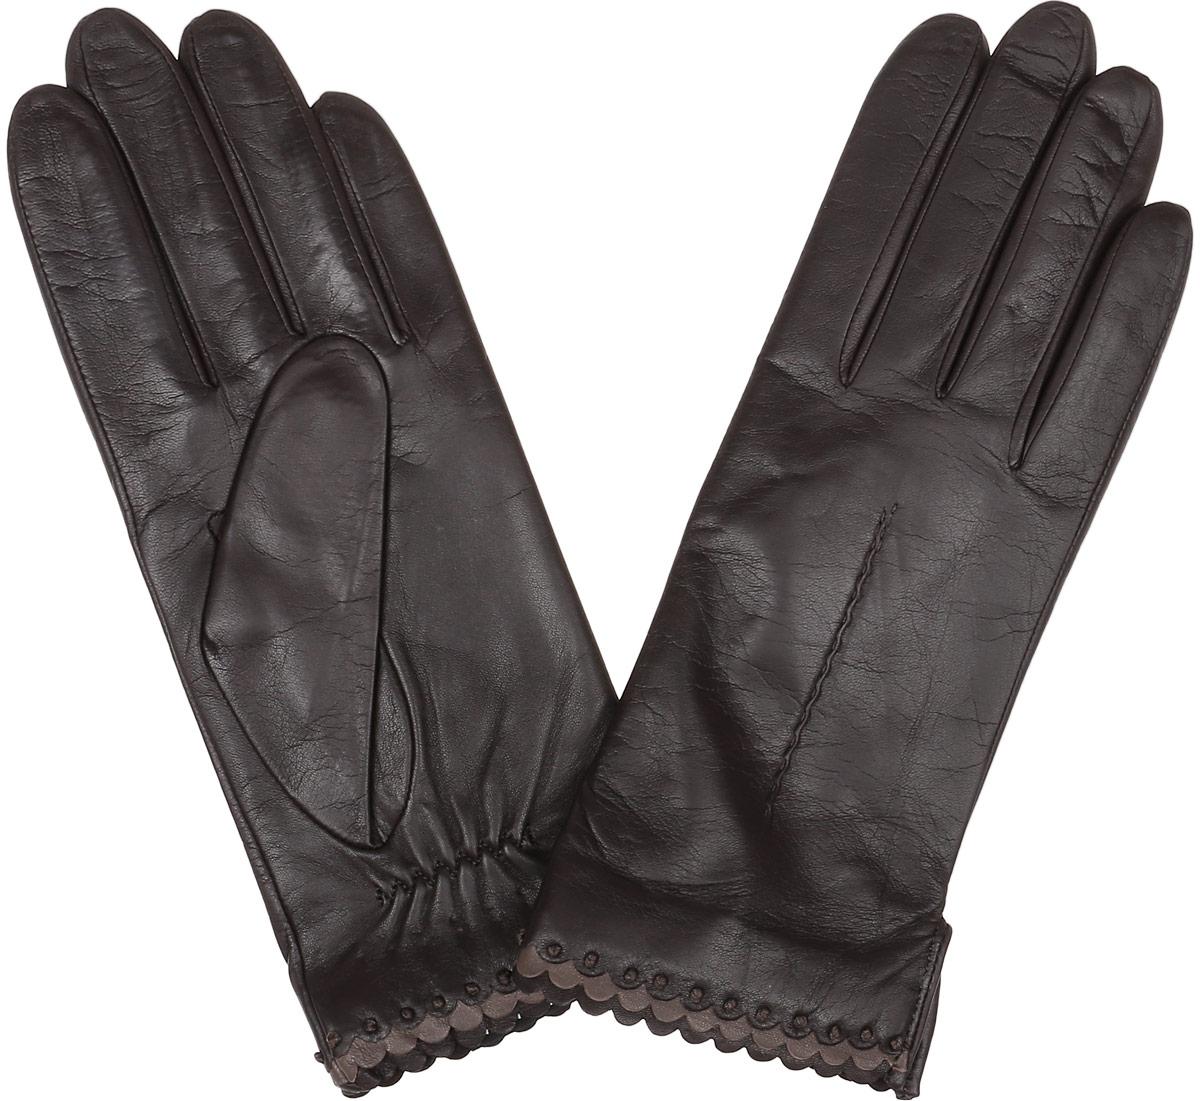 Перчатки женские Fabretti, цвет: шоколадный. 2.80-2. Размер 6,52.80-2 chocolateСтильные женские перчатки Fabretti не только защитят ваши руки, но и станут великолепным украшением. Перчатки выполнены из натуральной кожи ягненка, а их подкладка - из высококачественной шерсти с добавлением кашемира.Модель оформлена оригинальной каймой и строчками-стежками на запястье.Стильный аксессуар для повседневного образа.